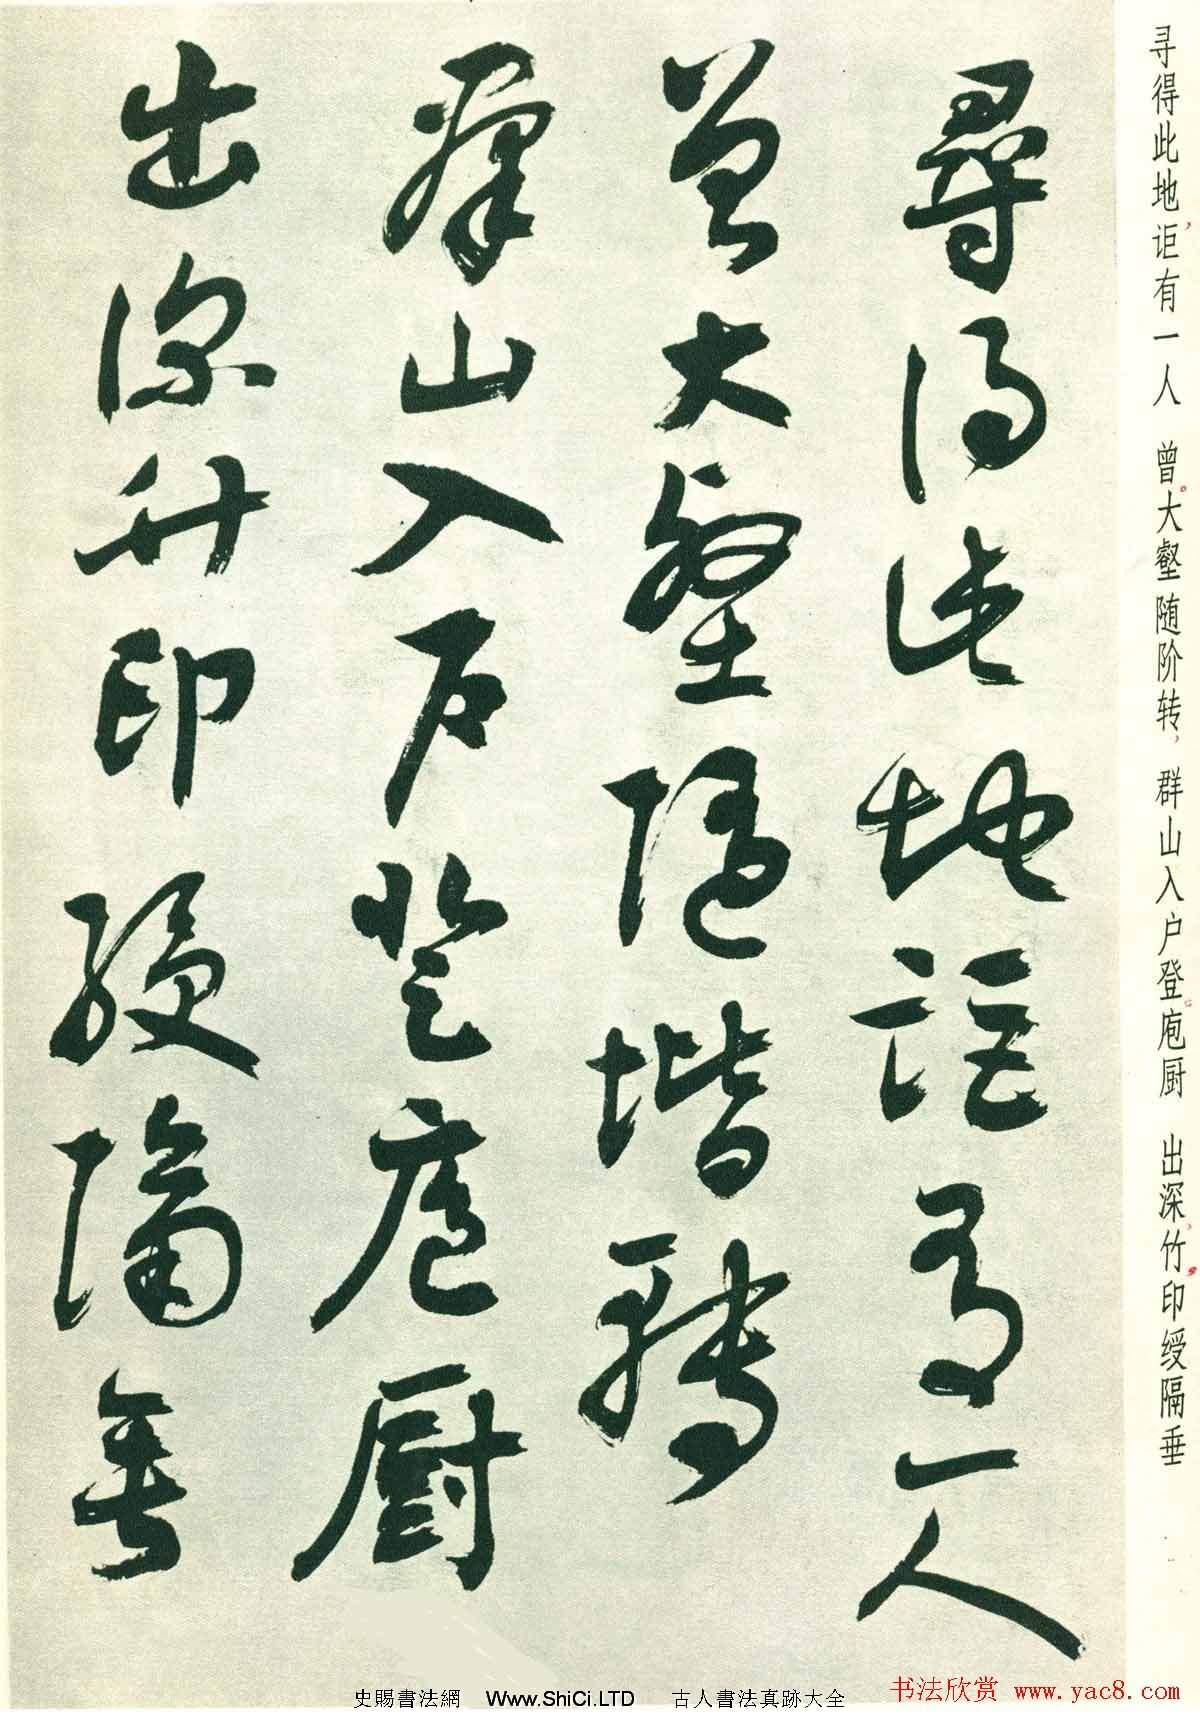 潘伯鷹行草墨跡欣賞《書王維五律八首》